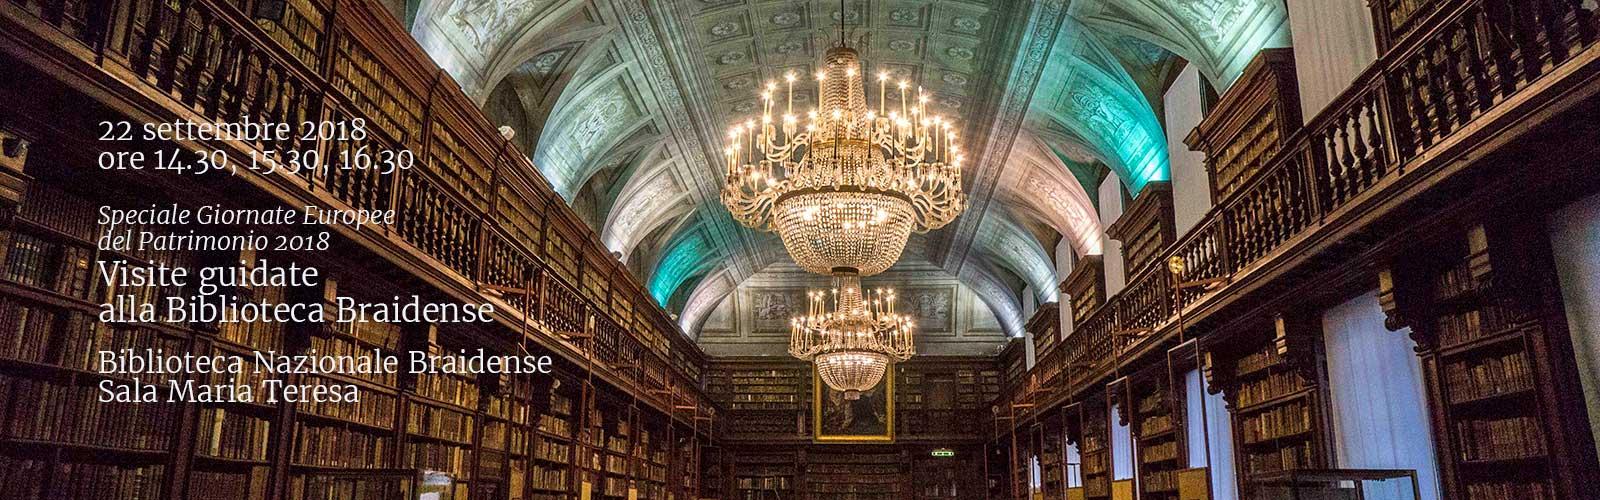 Visite guidate alla Biblioteca Braidense